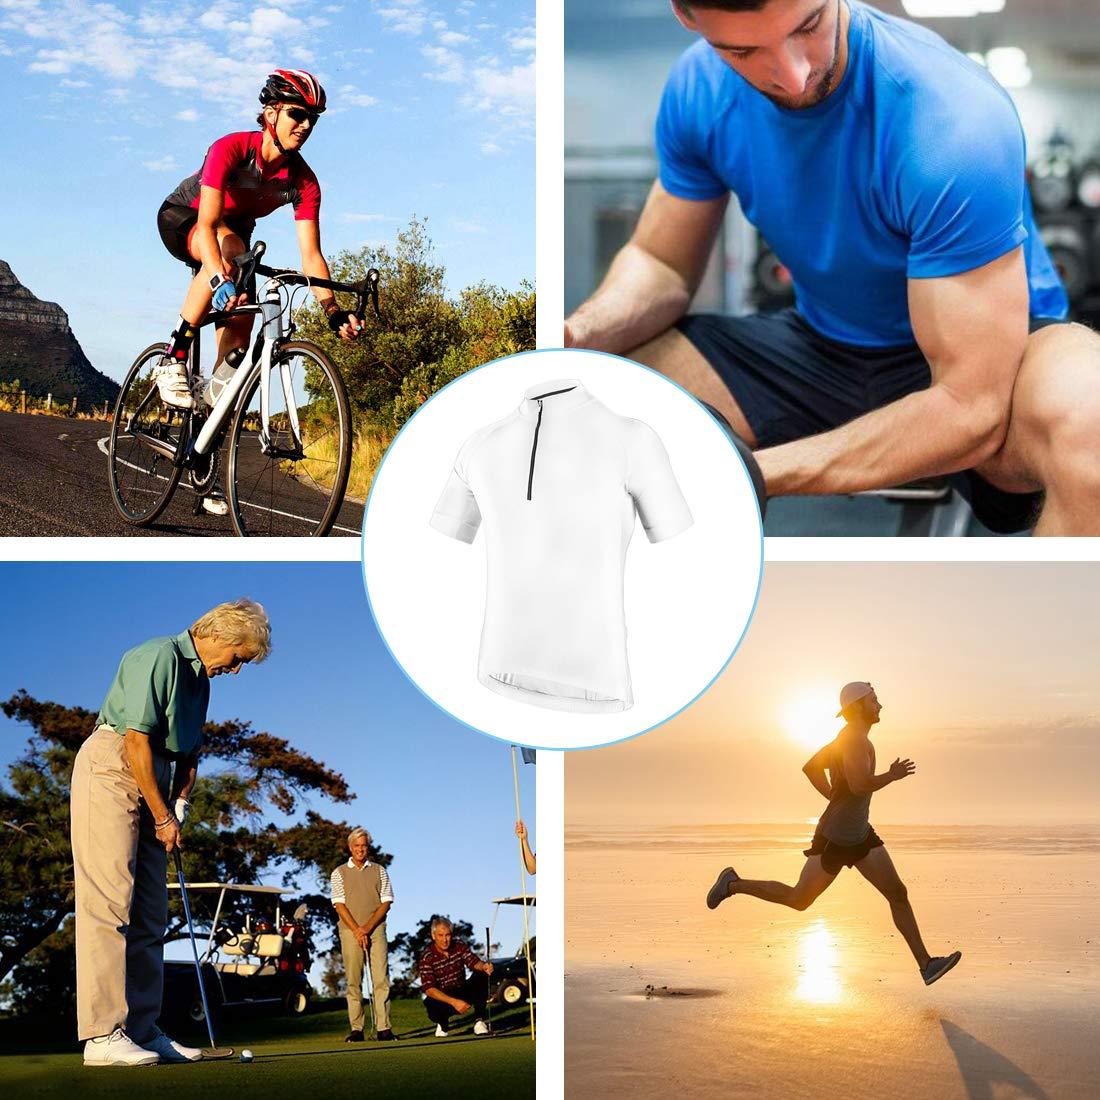 CATENA Mens Cycling Jersey Short Sleeve Shirt Running Top Moisture Wicking Workout Sports T-Shirt